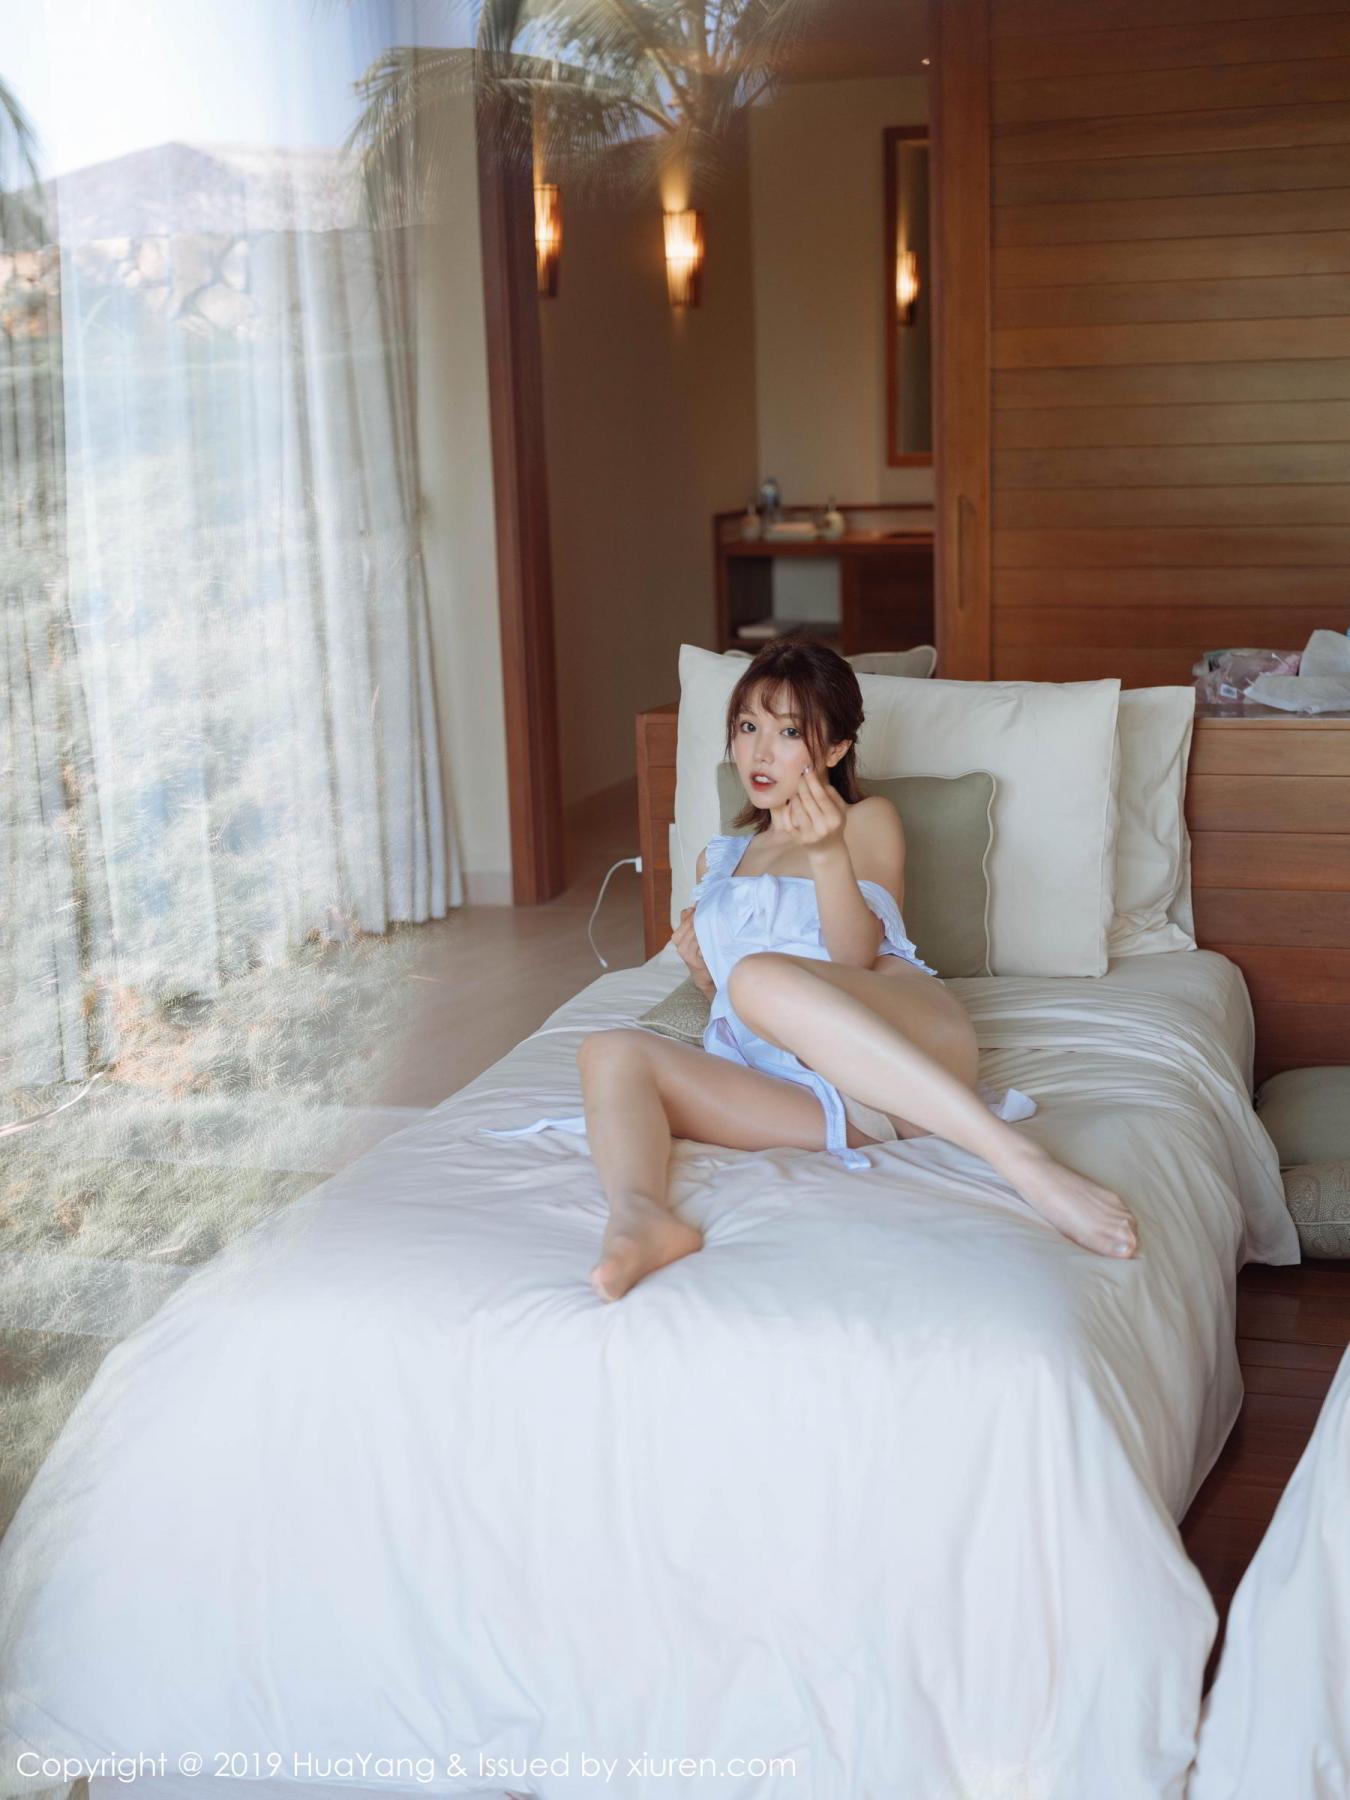 [Huayang] Vol.134 Huang Le Ran 37P, Huang Le Ran, HuaYang, Maid, Sexy